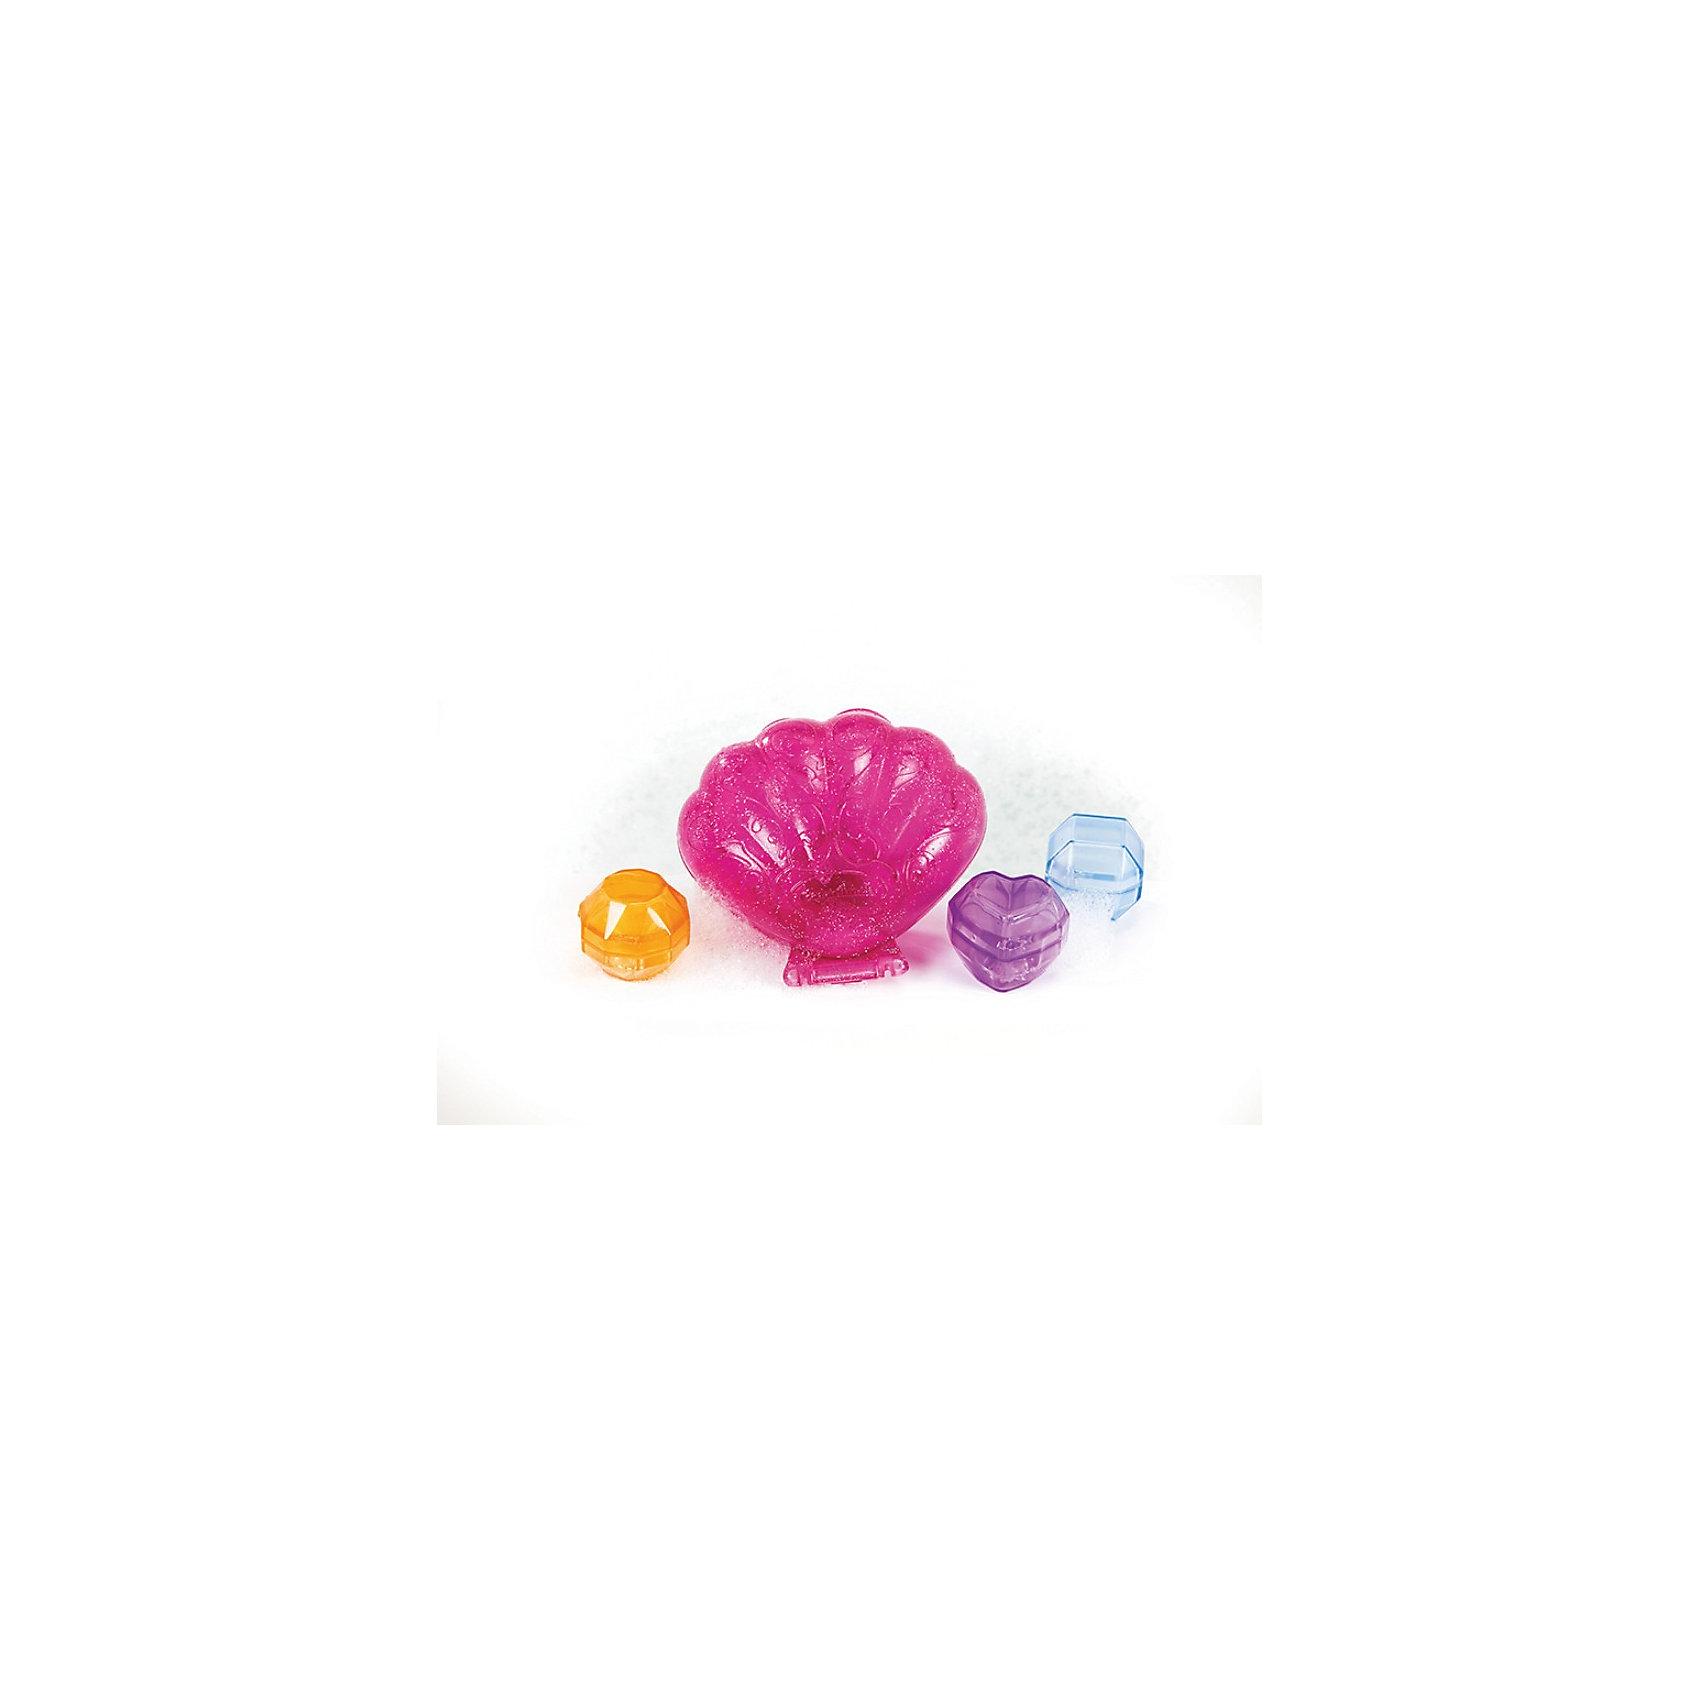 Игрушка для ванны Ракушка с весёлыми кристаллами от 18мес, MunchkinИгровые наборы<br>Каждая маленькая девочка мечтает о сверкающих драгоценностях и ювелирных изделиях.  Взяв в руки ракушку Munchkin, Ваша малышка обнаружит настоящие сокровища! Это три драгоценных кристалла, которые гремят и плавают.<br>Этот игровой набор, достойный принцессы, одновременно игрушка-сортер - форма драгоценных камней соответствует таким же в ракушке. Игрушка развивает мелкую моторику, координацию зрения и движения. А также она помогает научиться распознавать формы и цвета, когда ребенок старается правильно уложить камни в соответствующие формы. Ракушка открывается и закрывается и в ней можно хранить камни, когда с ней не играют. <br>Игрушка доставит сказочное удовольствие и вне ванны - какая девочка не любит переодевания и все, что с этим связано!<br><br>Дополнительная информация:&#13;<br>&#13;<br>- материал: пластик&#13;<br>- размеры: 13 х 12 х 5 сп&#13;<br>- в комплекте ракушка и 3 разноцветных драгоценных камня <br>- самоцветы плавают, а внутри у них блестящие погремушки, похожие на сокровища <br>- раковина защелкивается для удобства хранения камней <br>- игрушка-сортировщик помогает освоить понятия формы и цвета<br><br>Игрушку для ванны Ракушка с весёлыми кристаллами от 18мес, Munchkin можно купить в нашем магазине.<br><br>Ширина мм: 40<br>Глубина мм: 152<br>Высота мм: 261<br>Вес г: 167<br>Возраст от месяцев: 12<br>Возраст до месяцев: 48<br>Пол: Женский<br>Возраст: Детский<br>SKU: 3717336